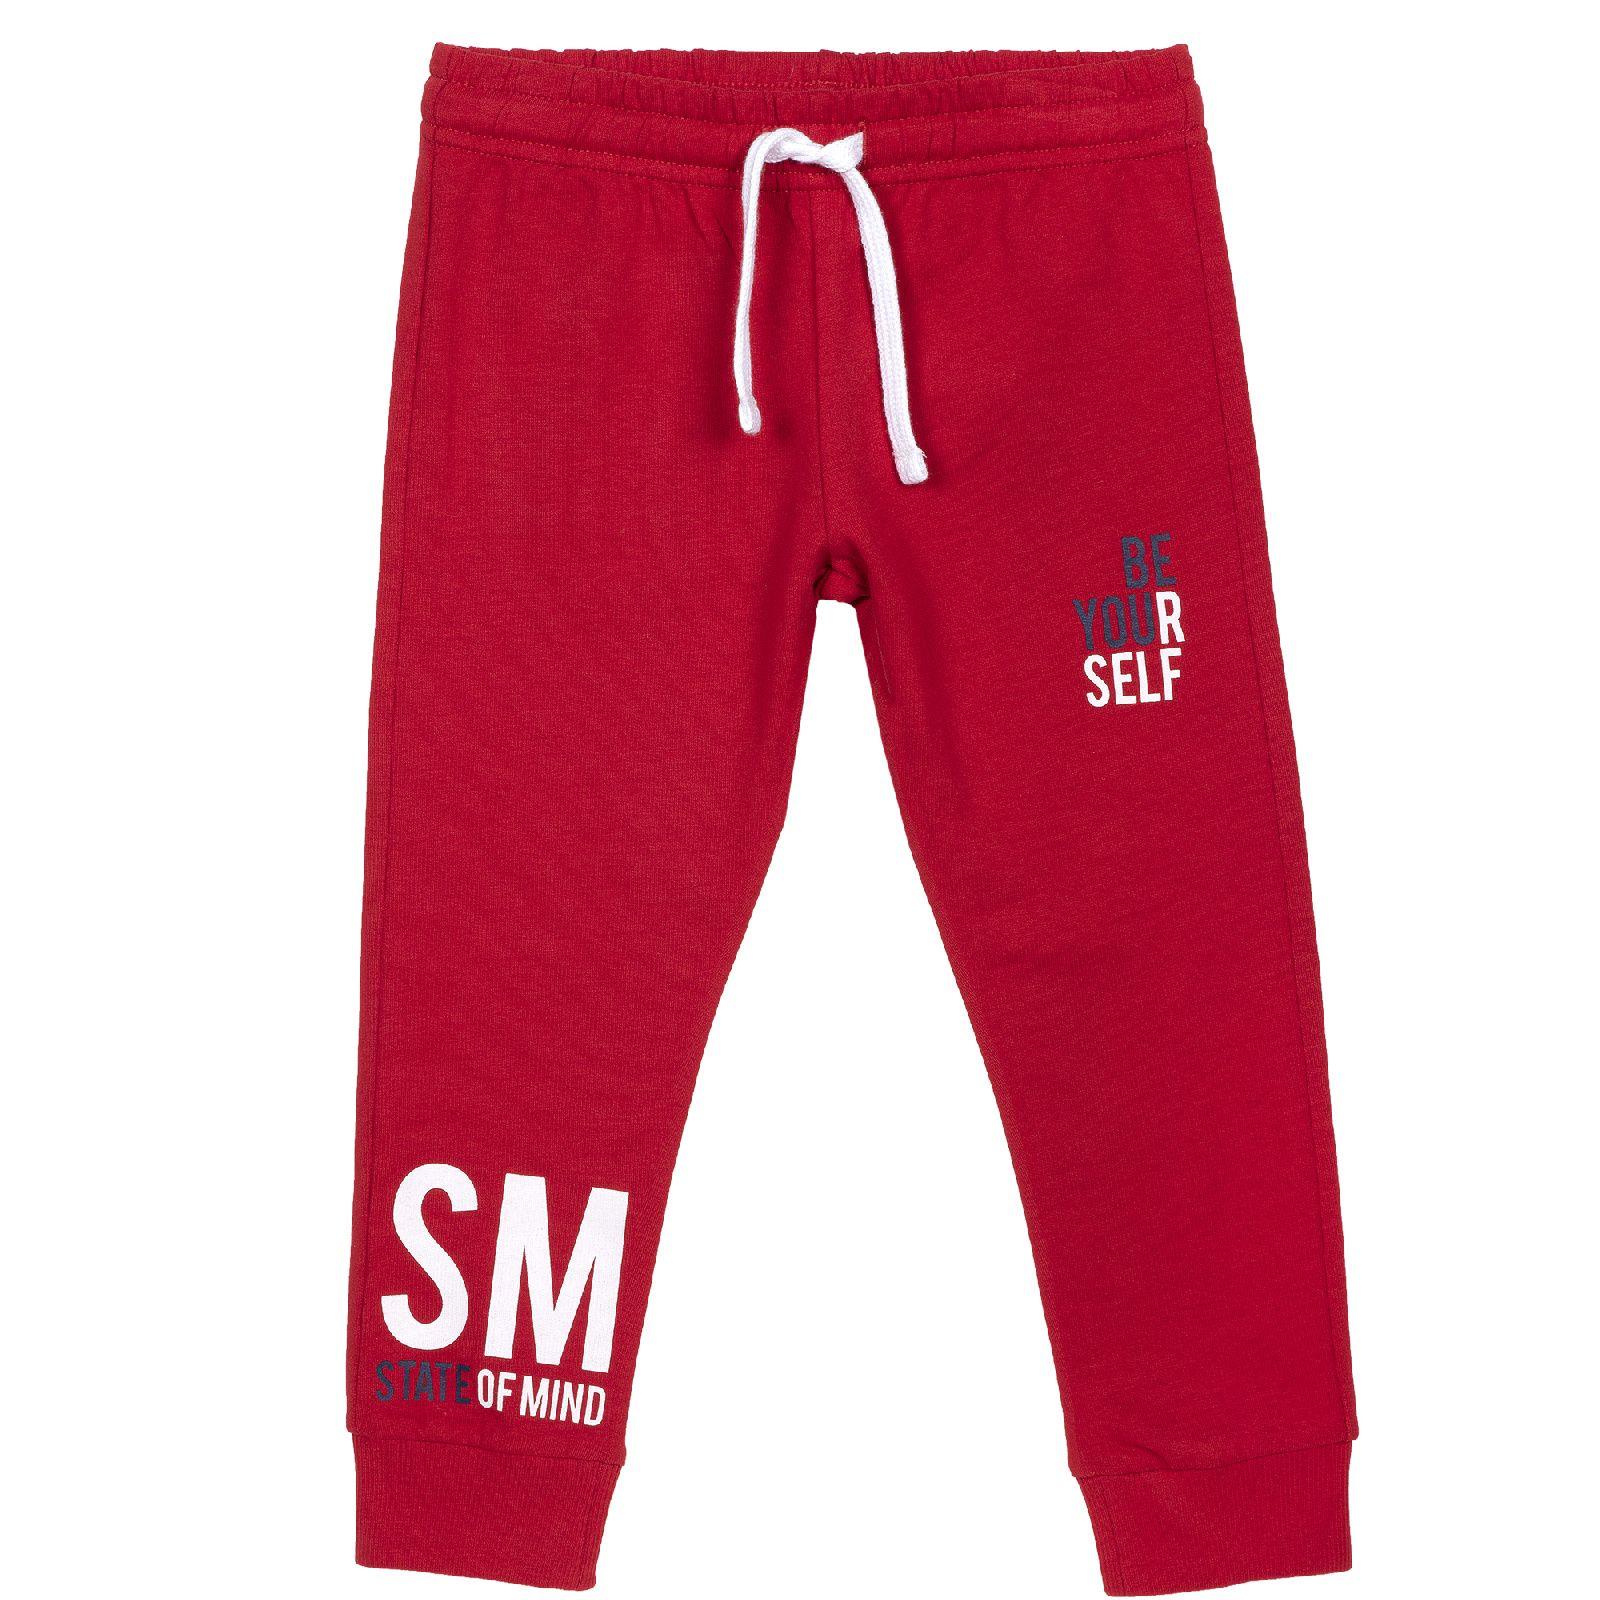 Купить 9008108, Брюки для мальчиков Chicco со шнурком, цвет красный, размер 104